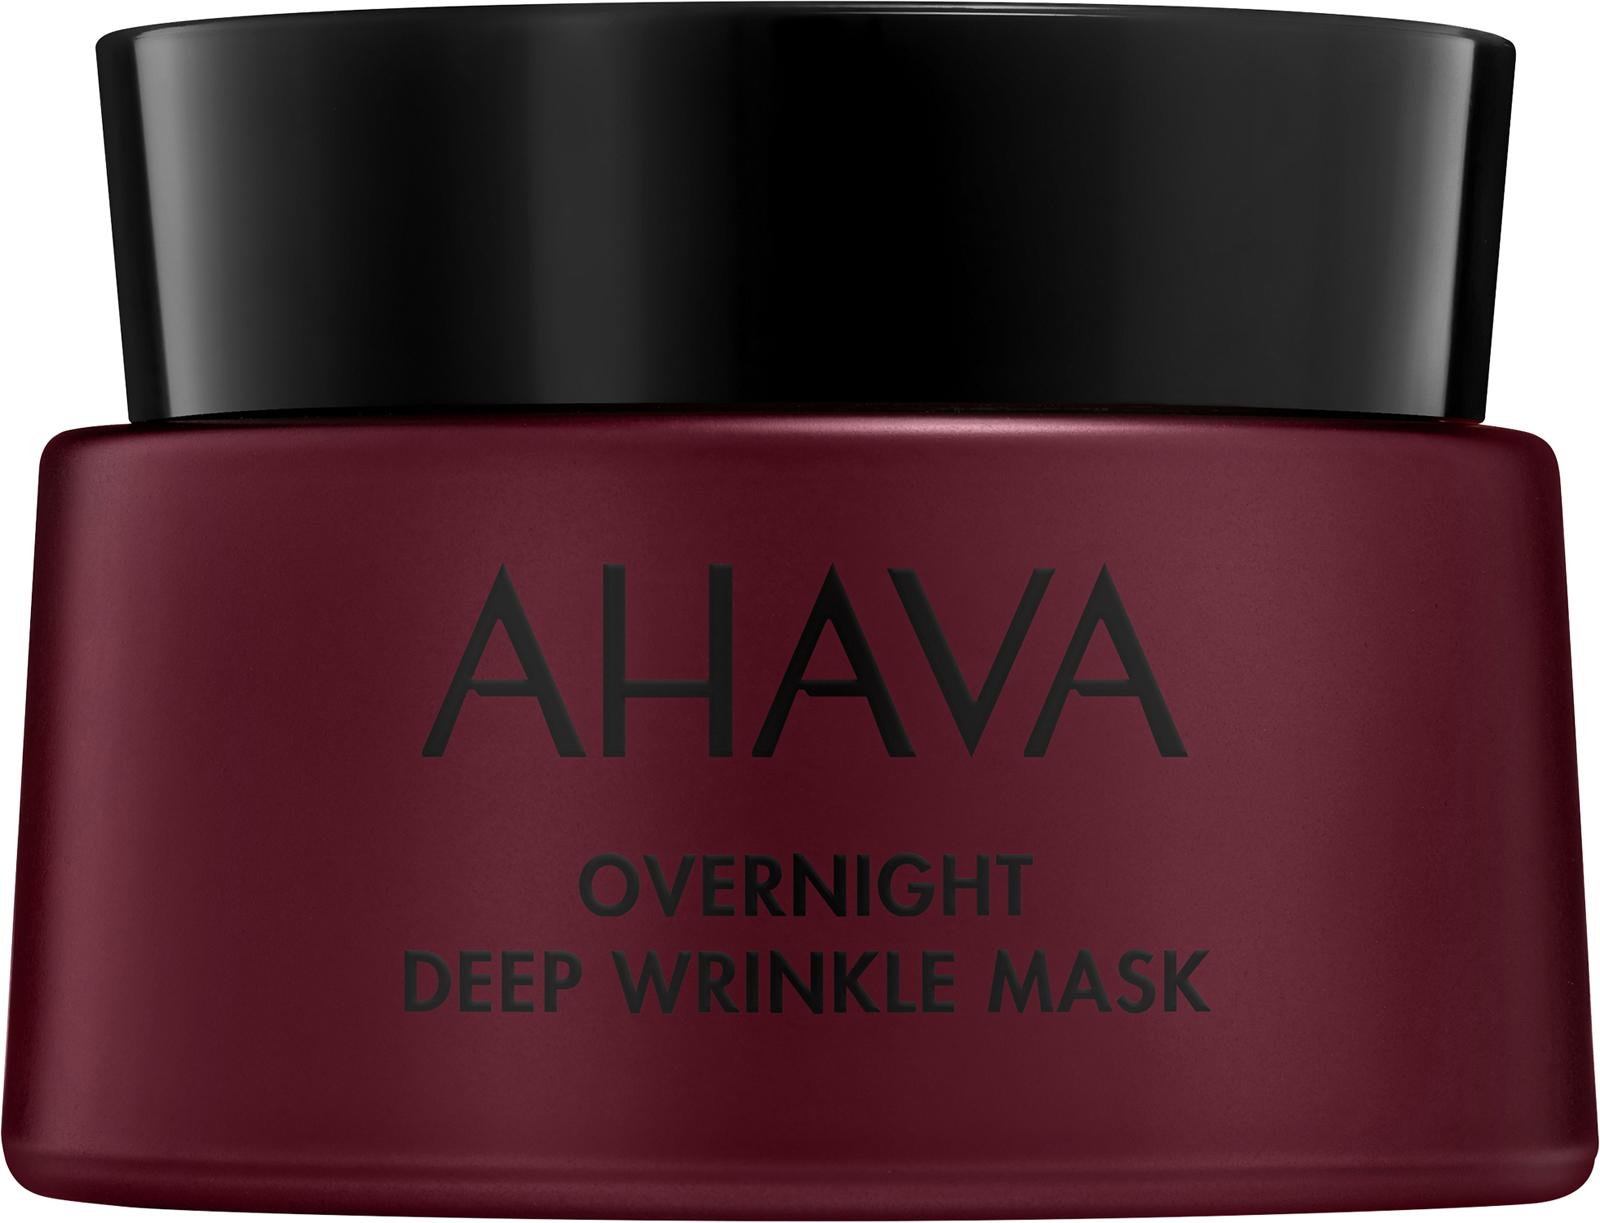 Bilde av Ahava - Apple Of Sodom Overnight Deep Wrinkle Mask 50ml